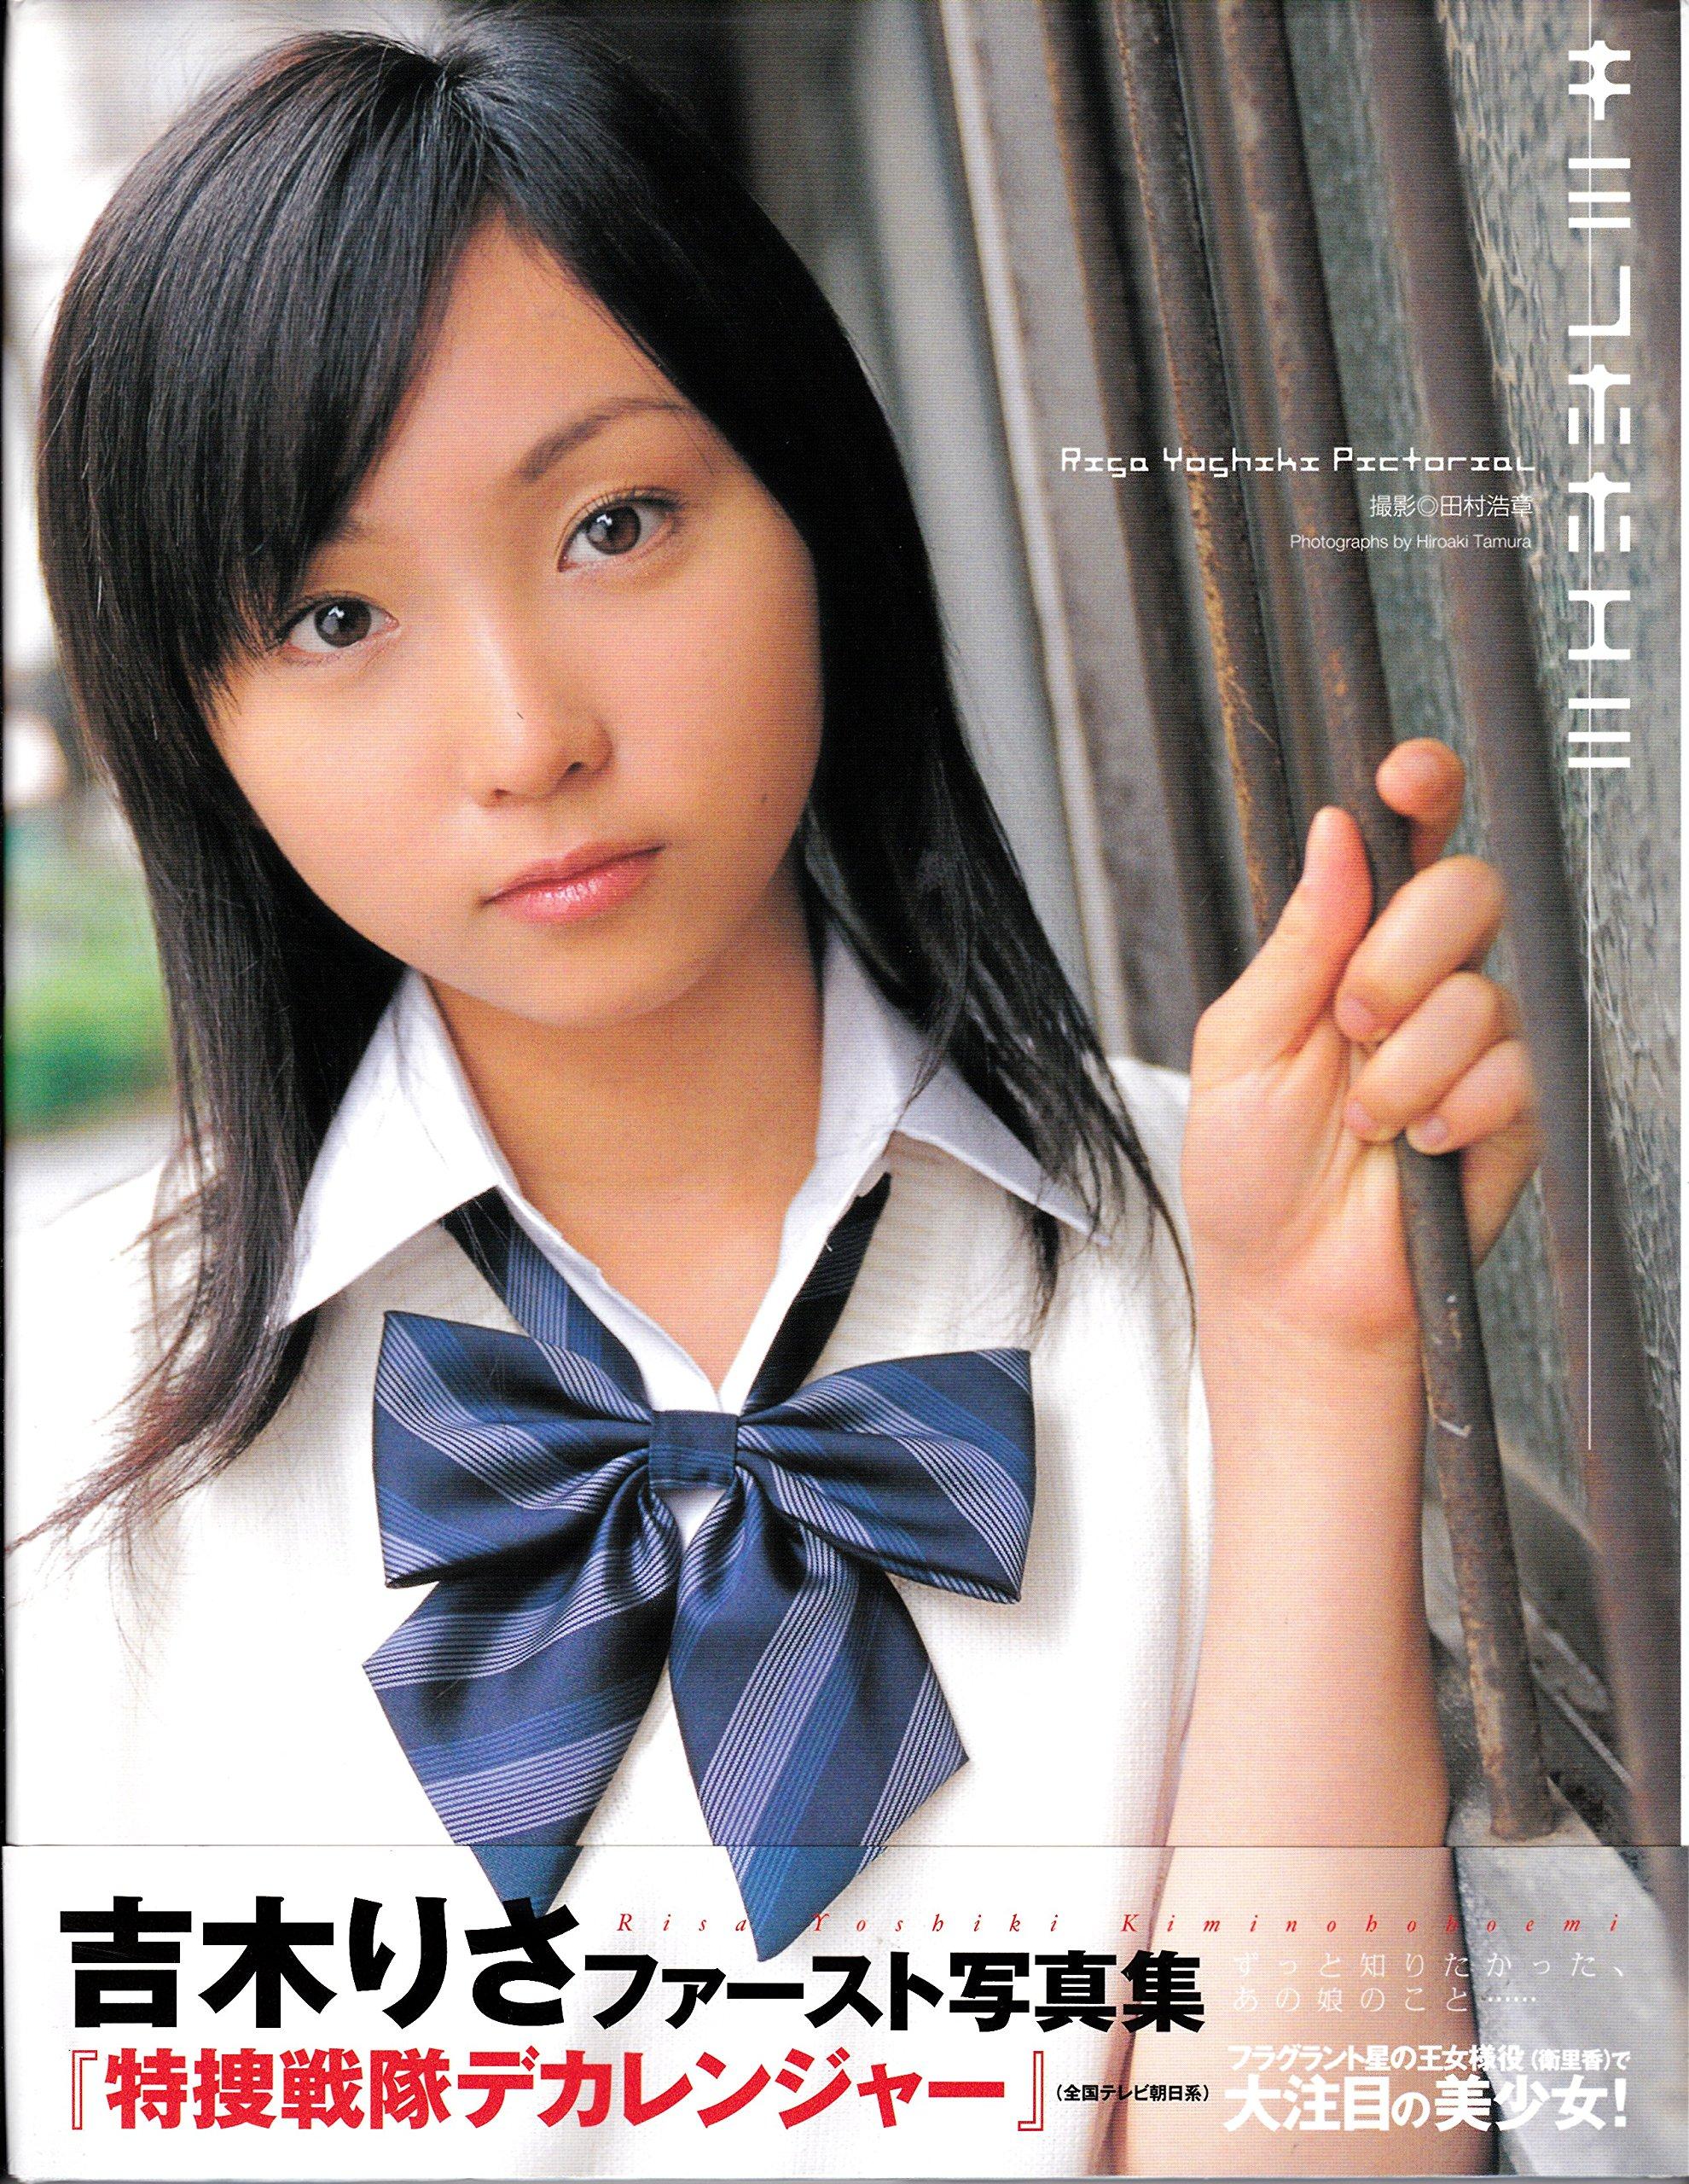 吉木りさファースト写真集 キミノホホエミ: 9784821126385: Books ...